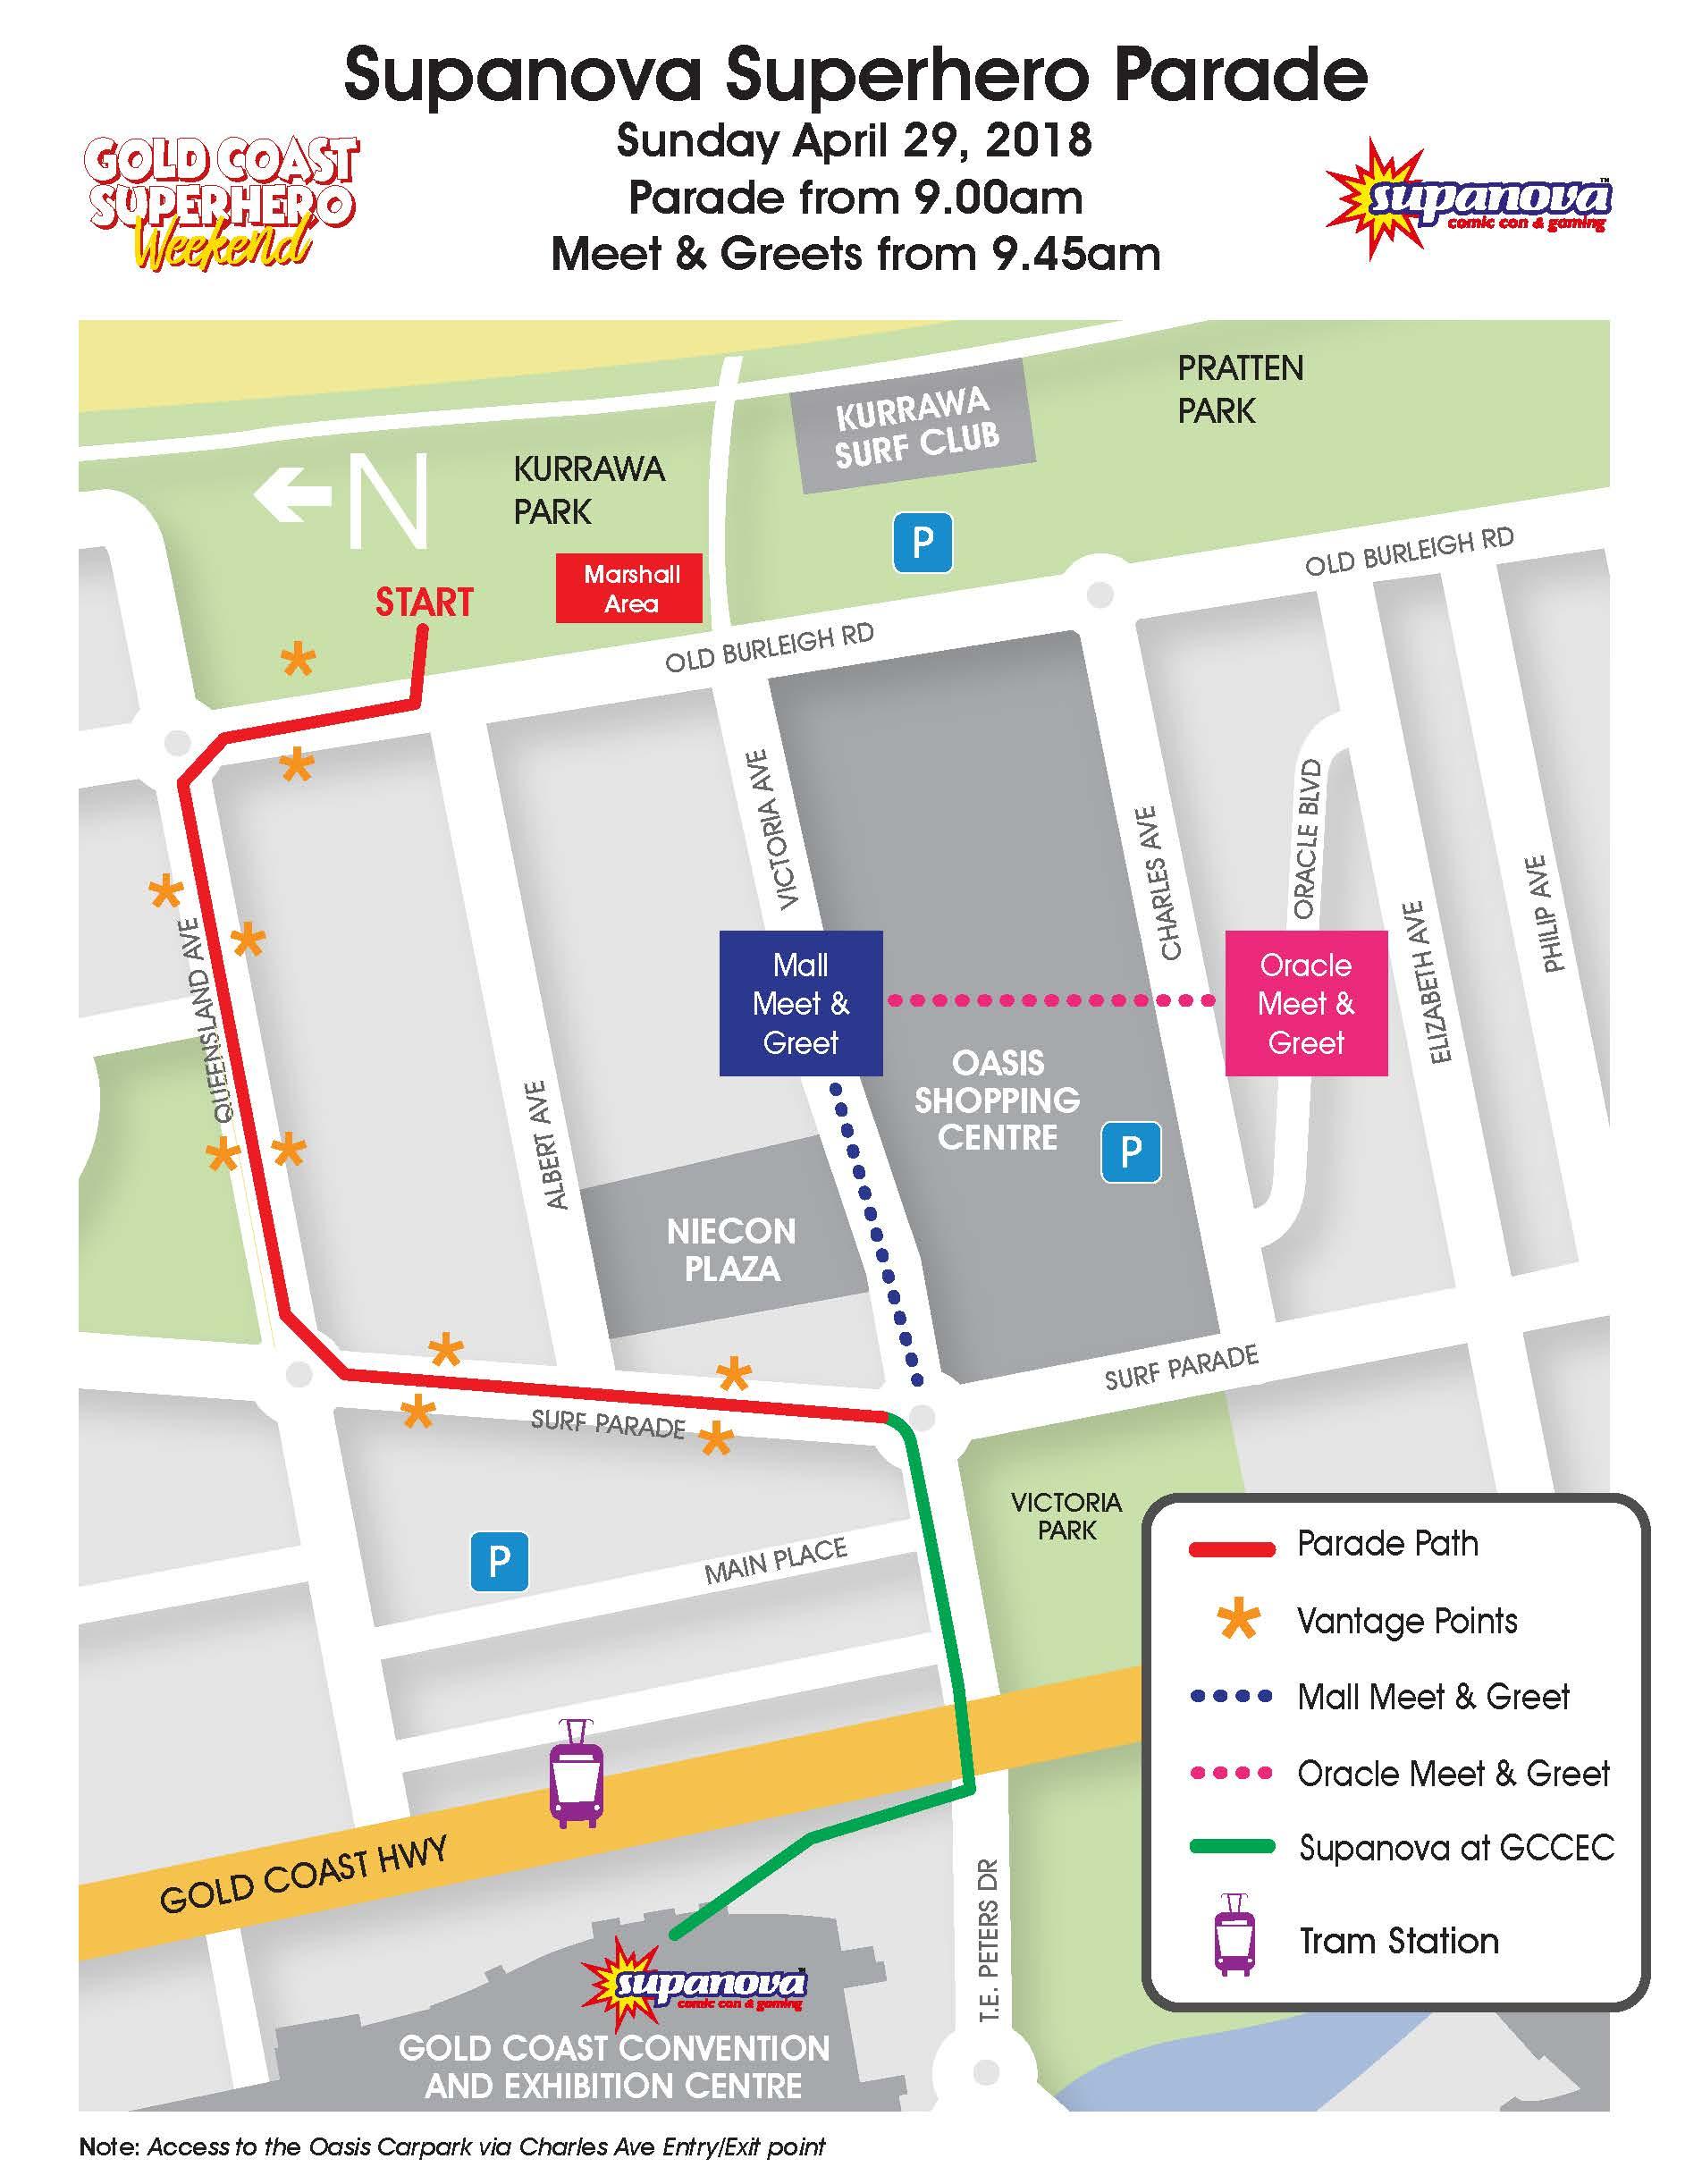 Supanova Superhero Parade 2018 route map